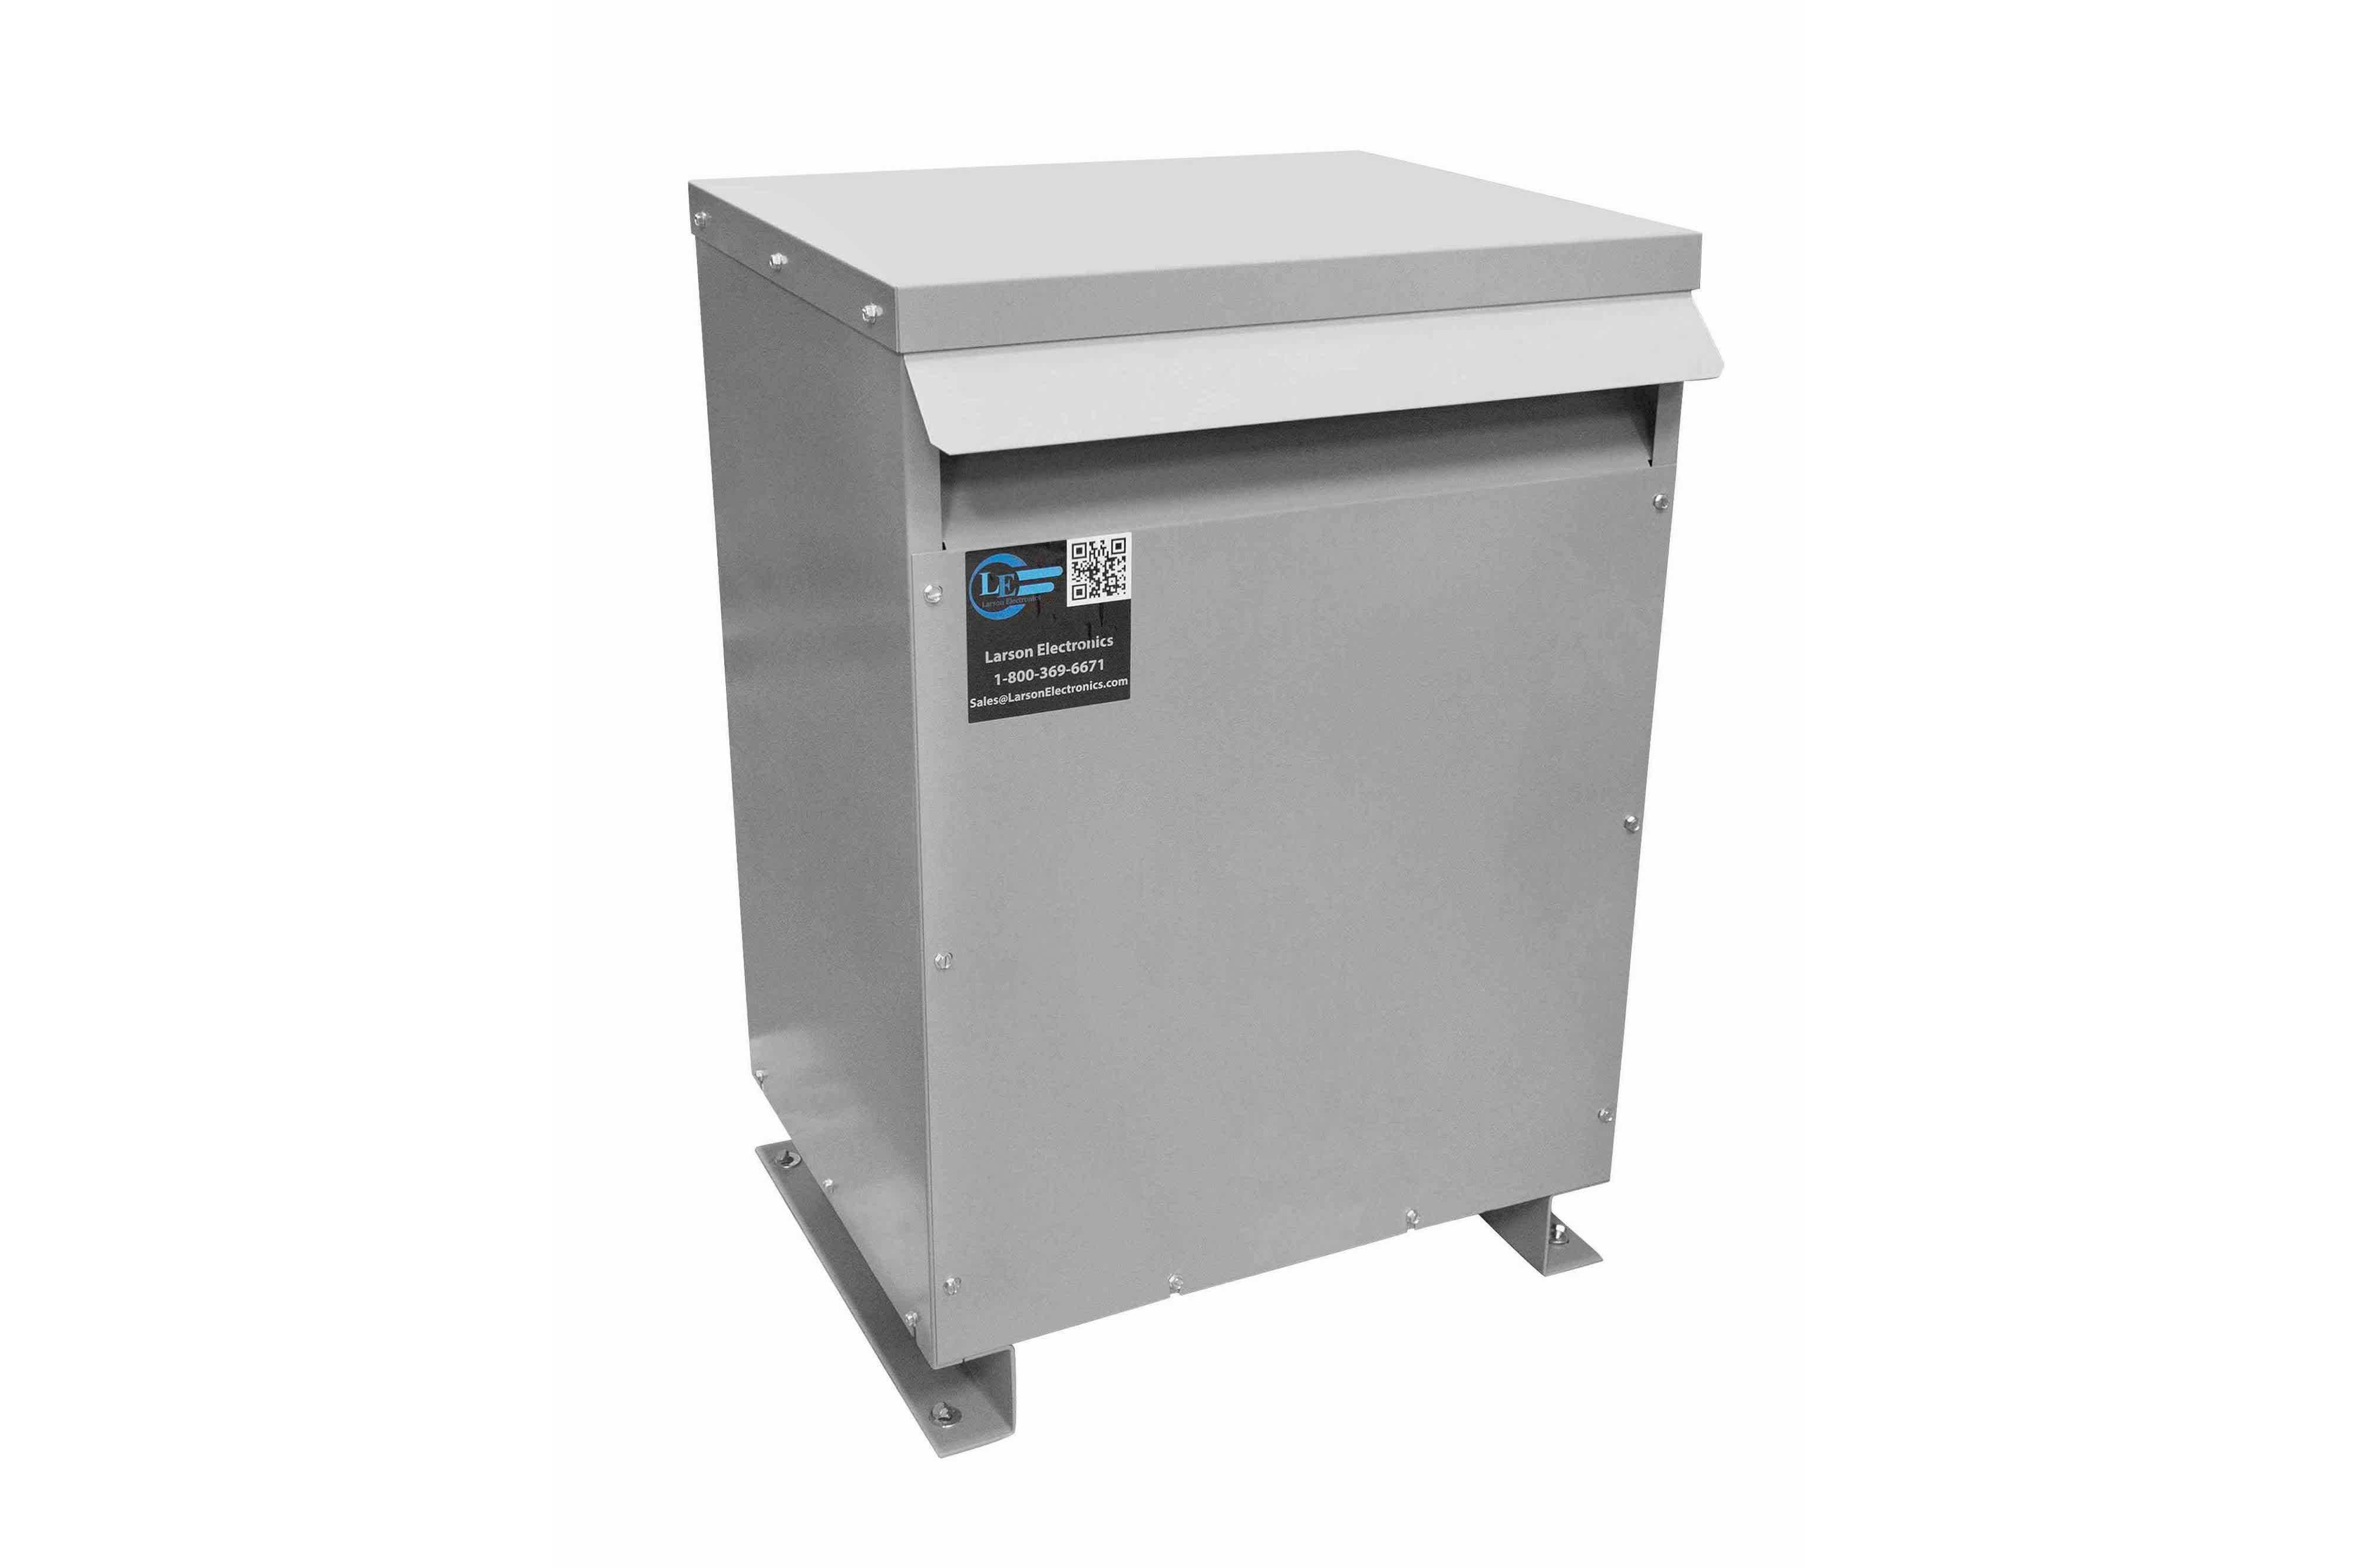 18 kVA 3PH Isolation Transformer, 240V Delta Primary, 415V Delta Secondary, N3R, Ventilated, 60 Hz